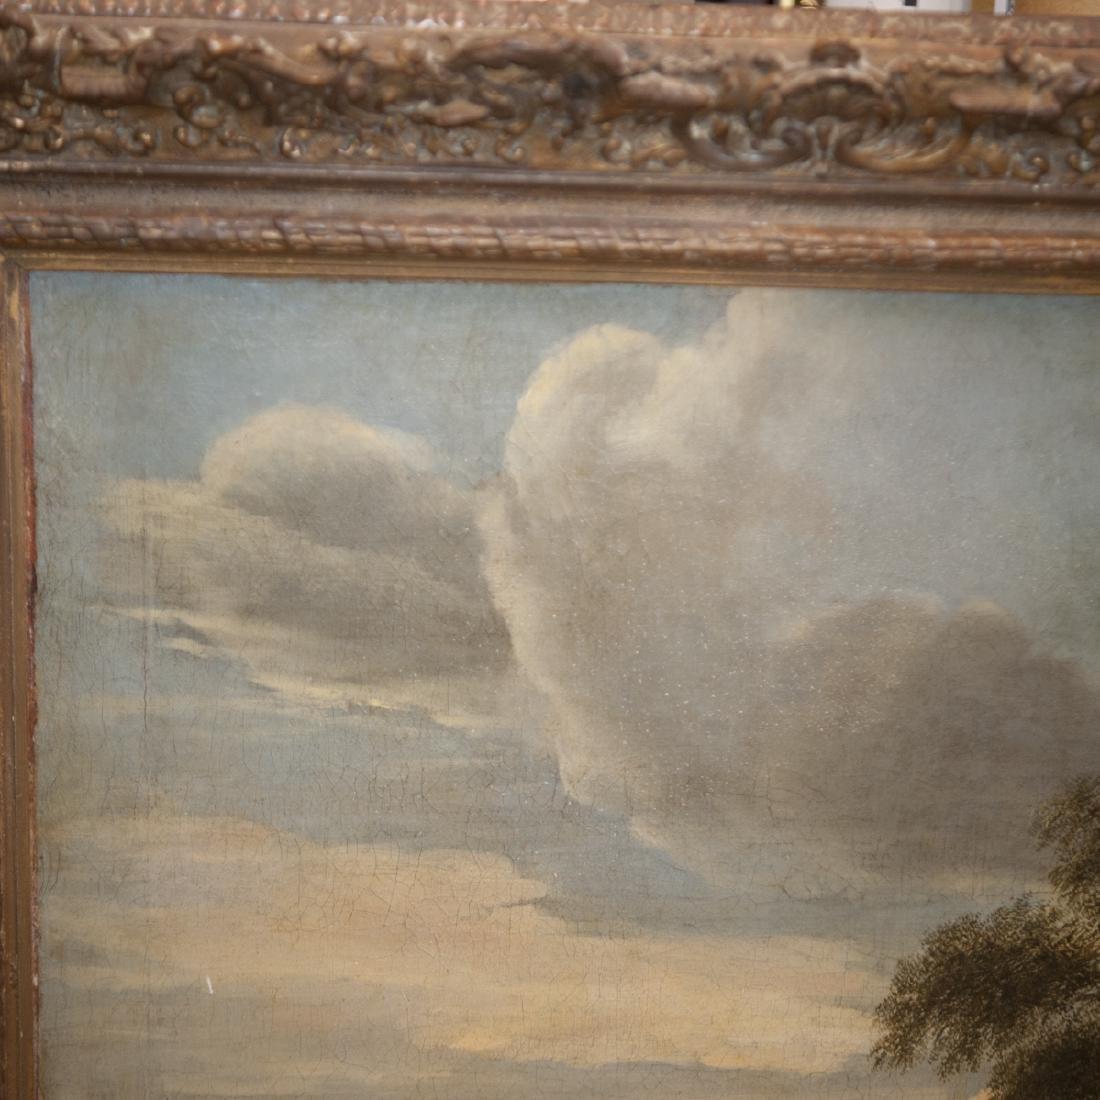 Salomon Rombouts (Dutch 1655 - c. 1702) - 4